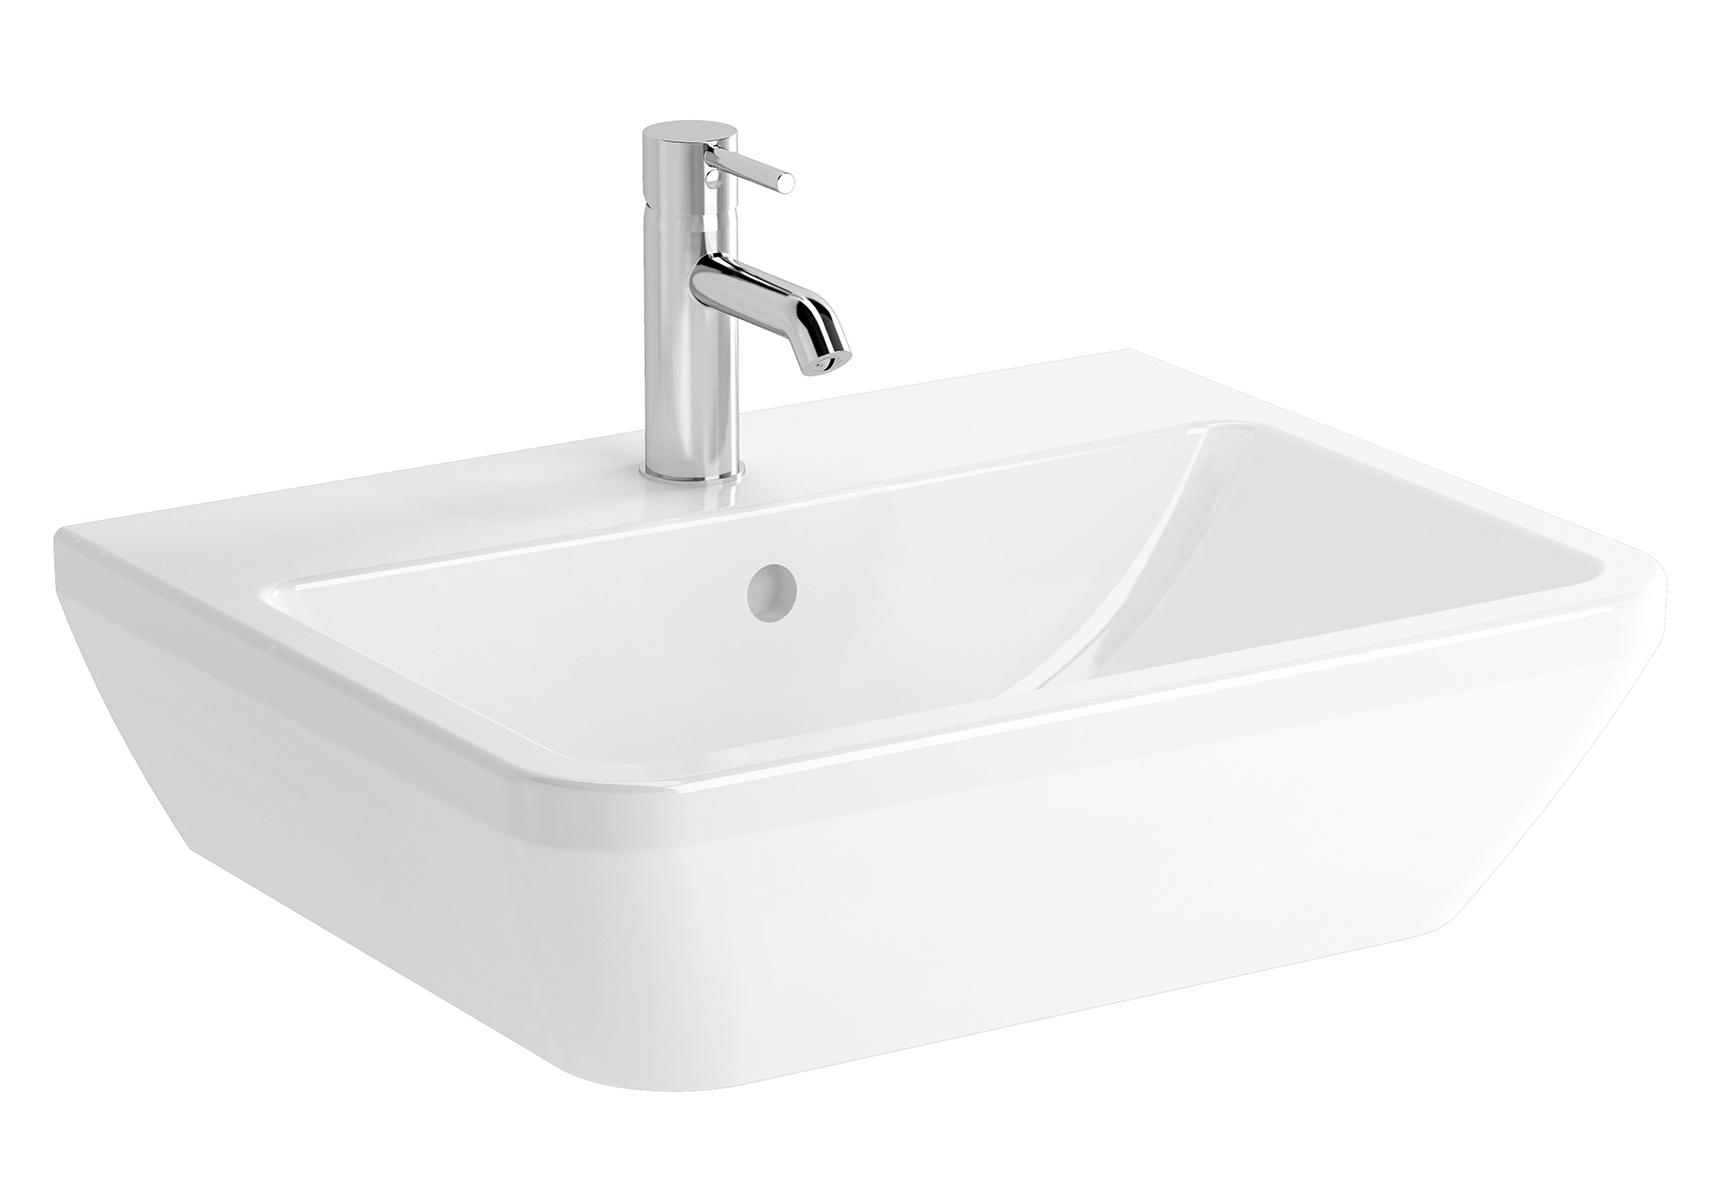 Integra lavabo carré, 60 cm, sans trou de robinet, sans trop-plein